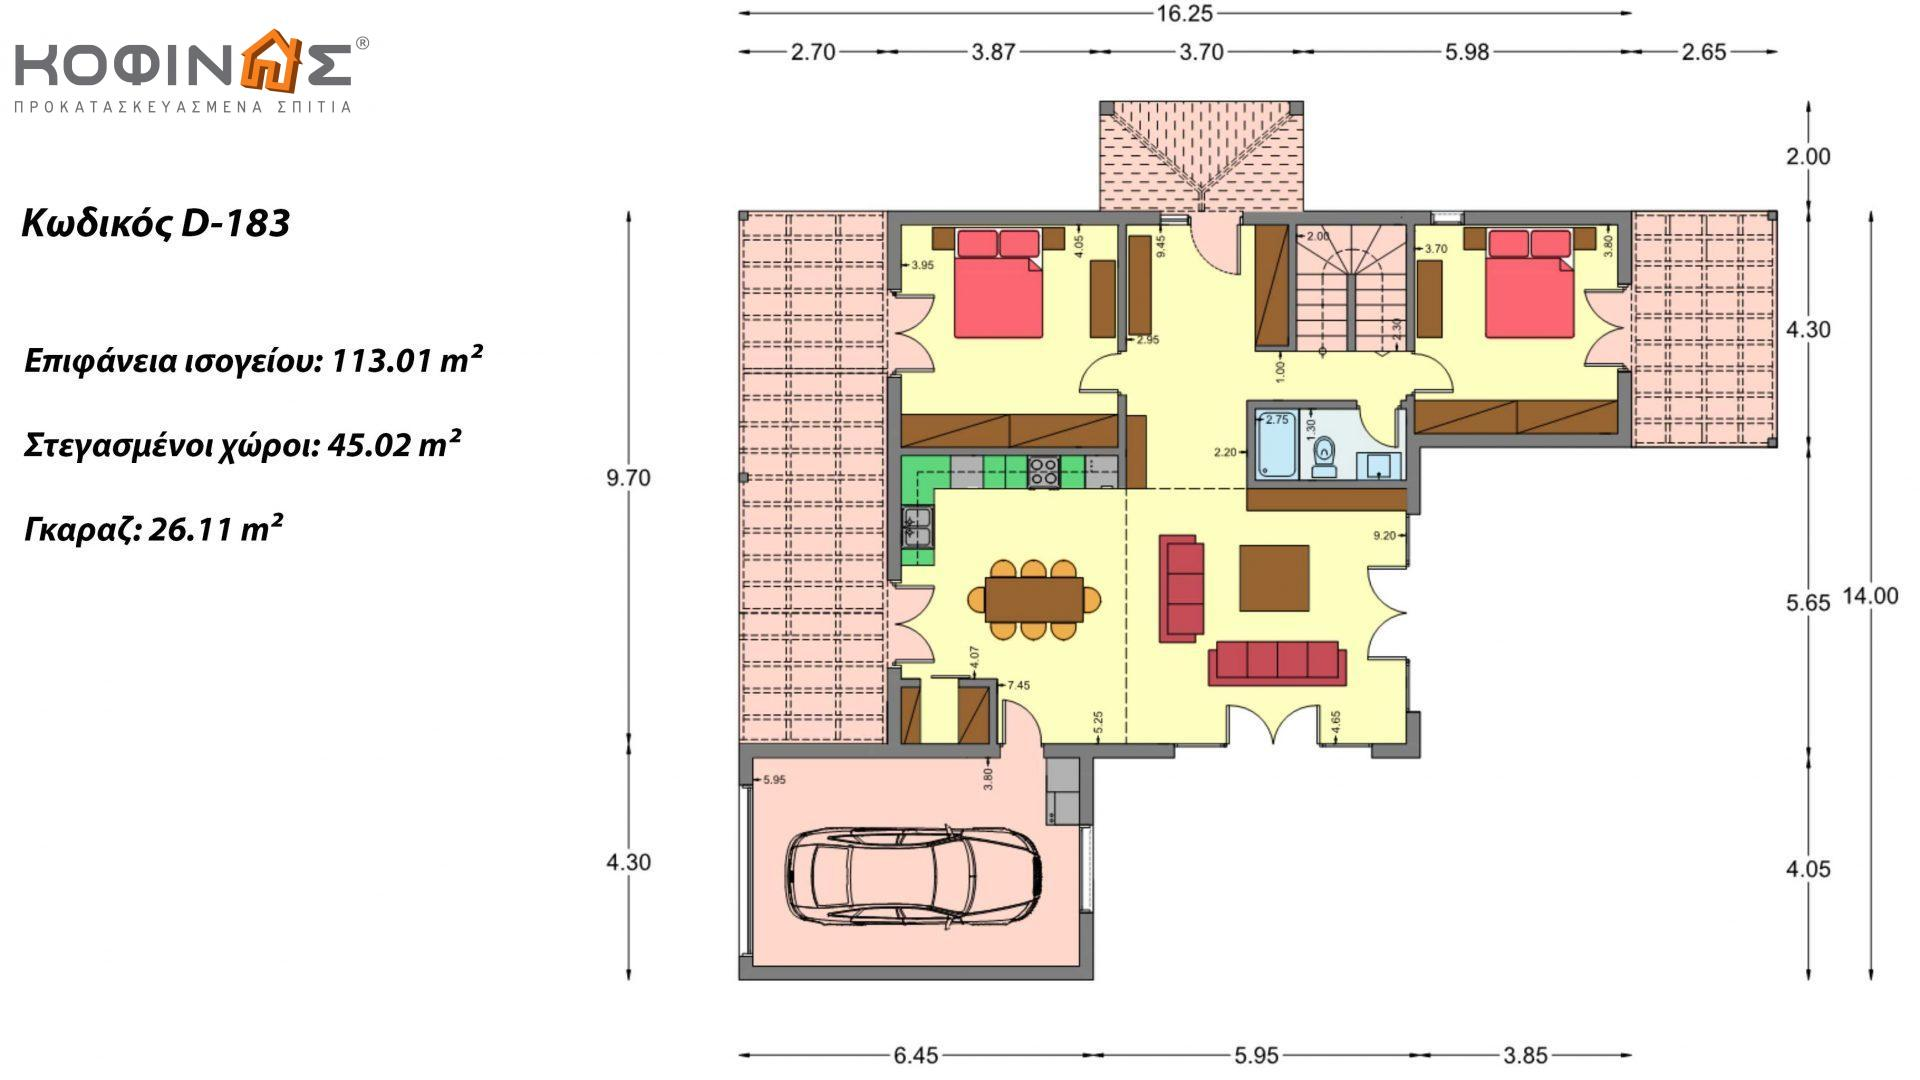 Διώροφη κατοικία D 183, συνολικής επιφάνειας 183,34 τ.μ.,+Γκαράζ 26,11 m²(=209,45 m²), στεγασμένοι χώροι 45,02 τ.μ., και μπαλκόνι (περίπτωση Β) 16.56 τ.μ.